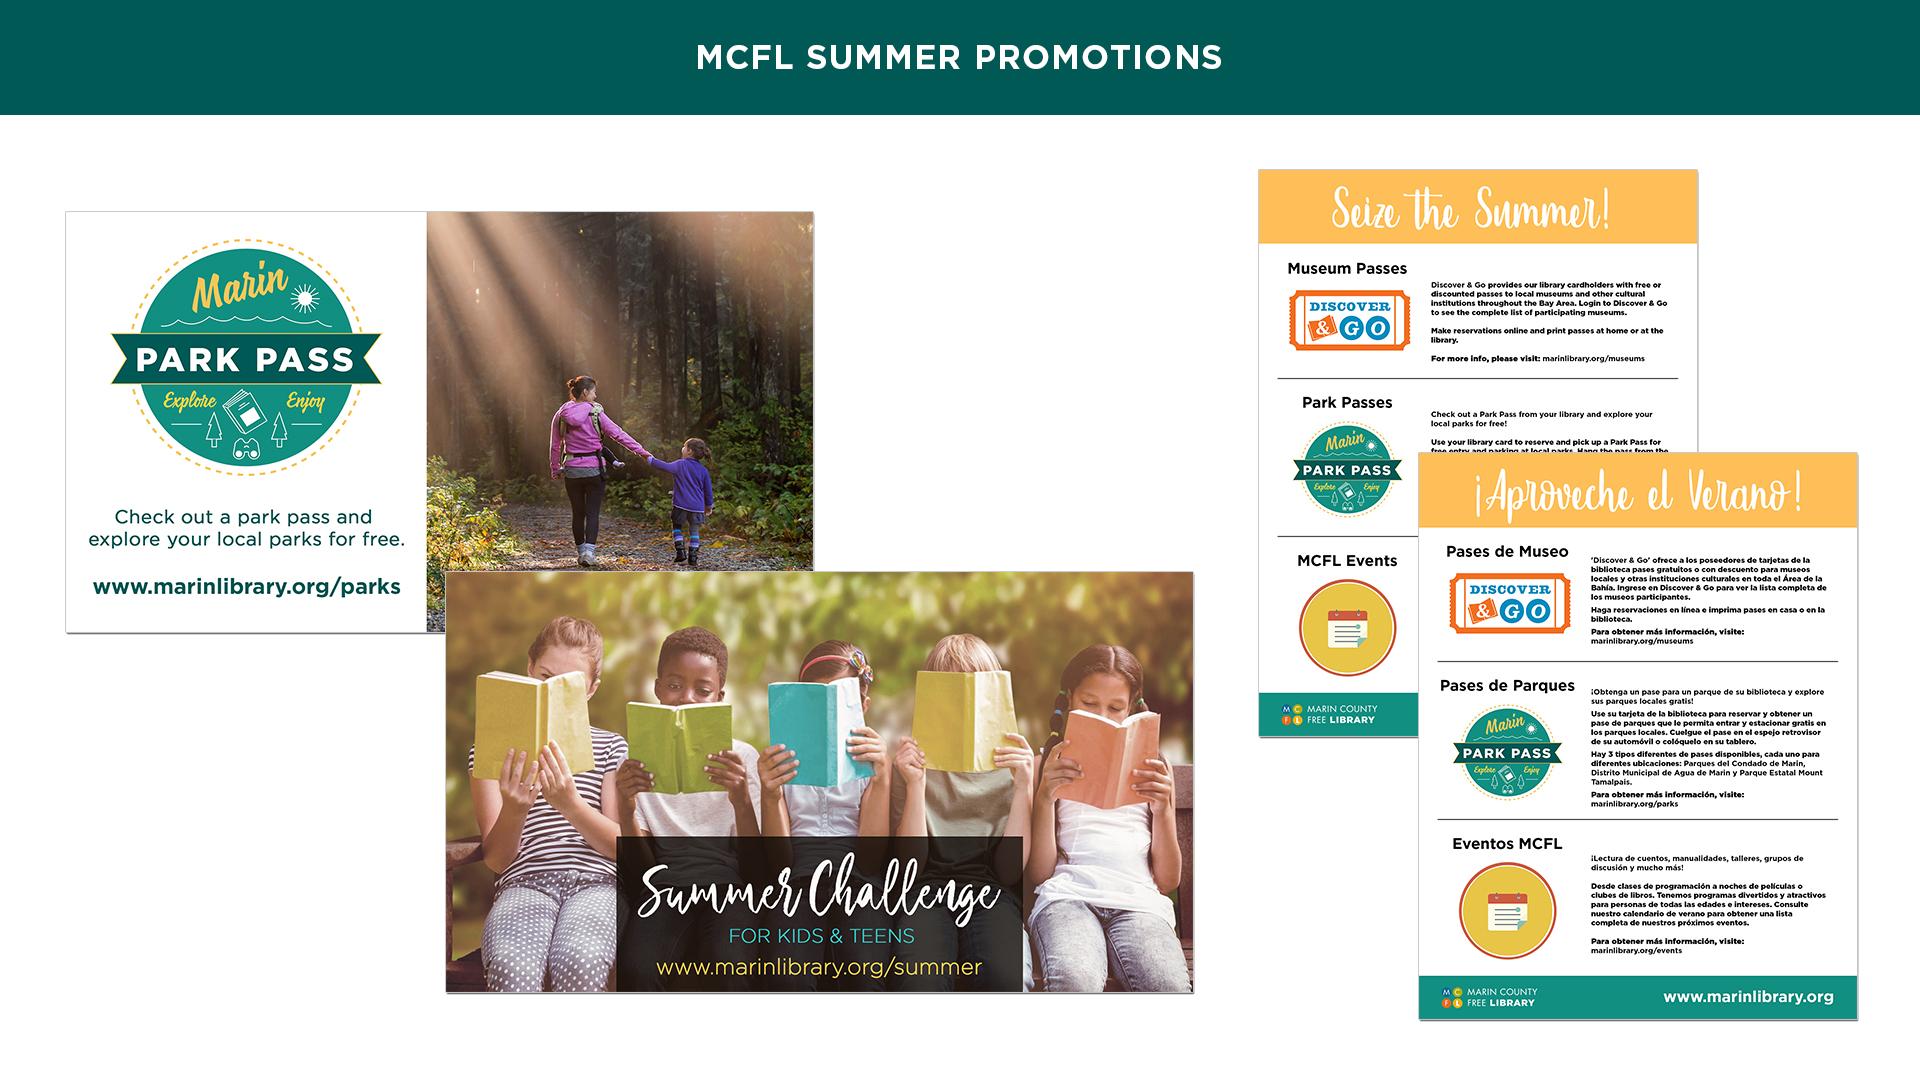 04 - MCFL-Summer-Promotions-(Portfolio-Mock-up).jpg